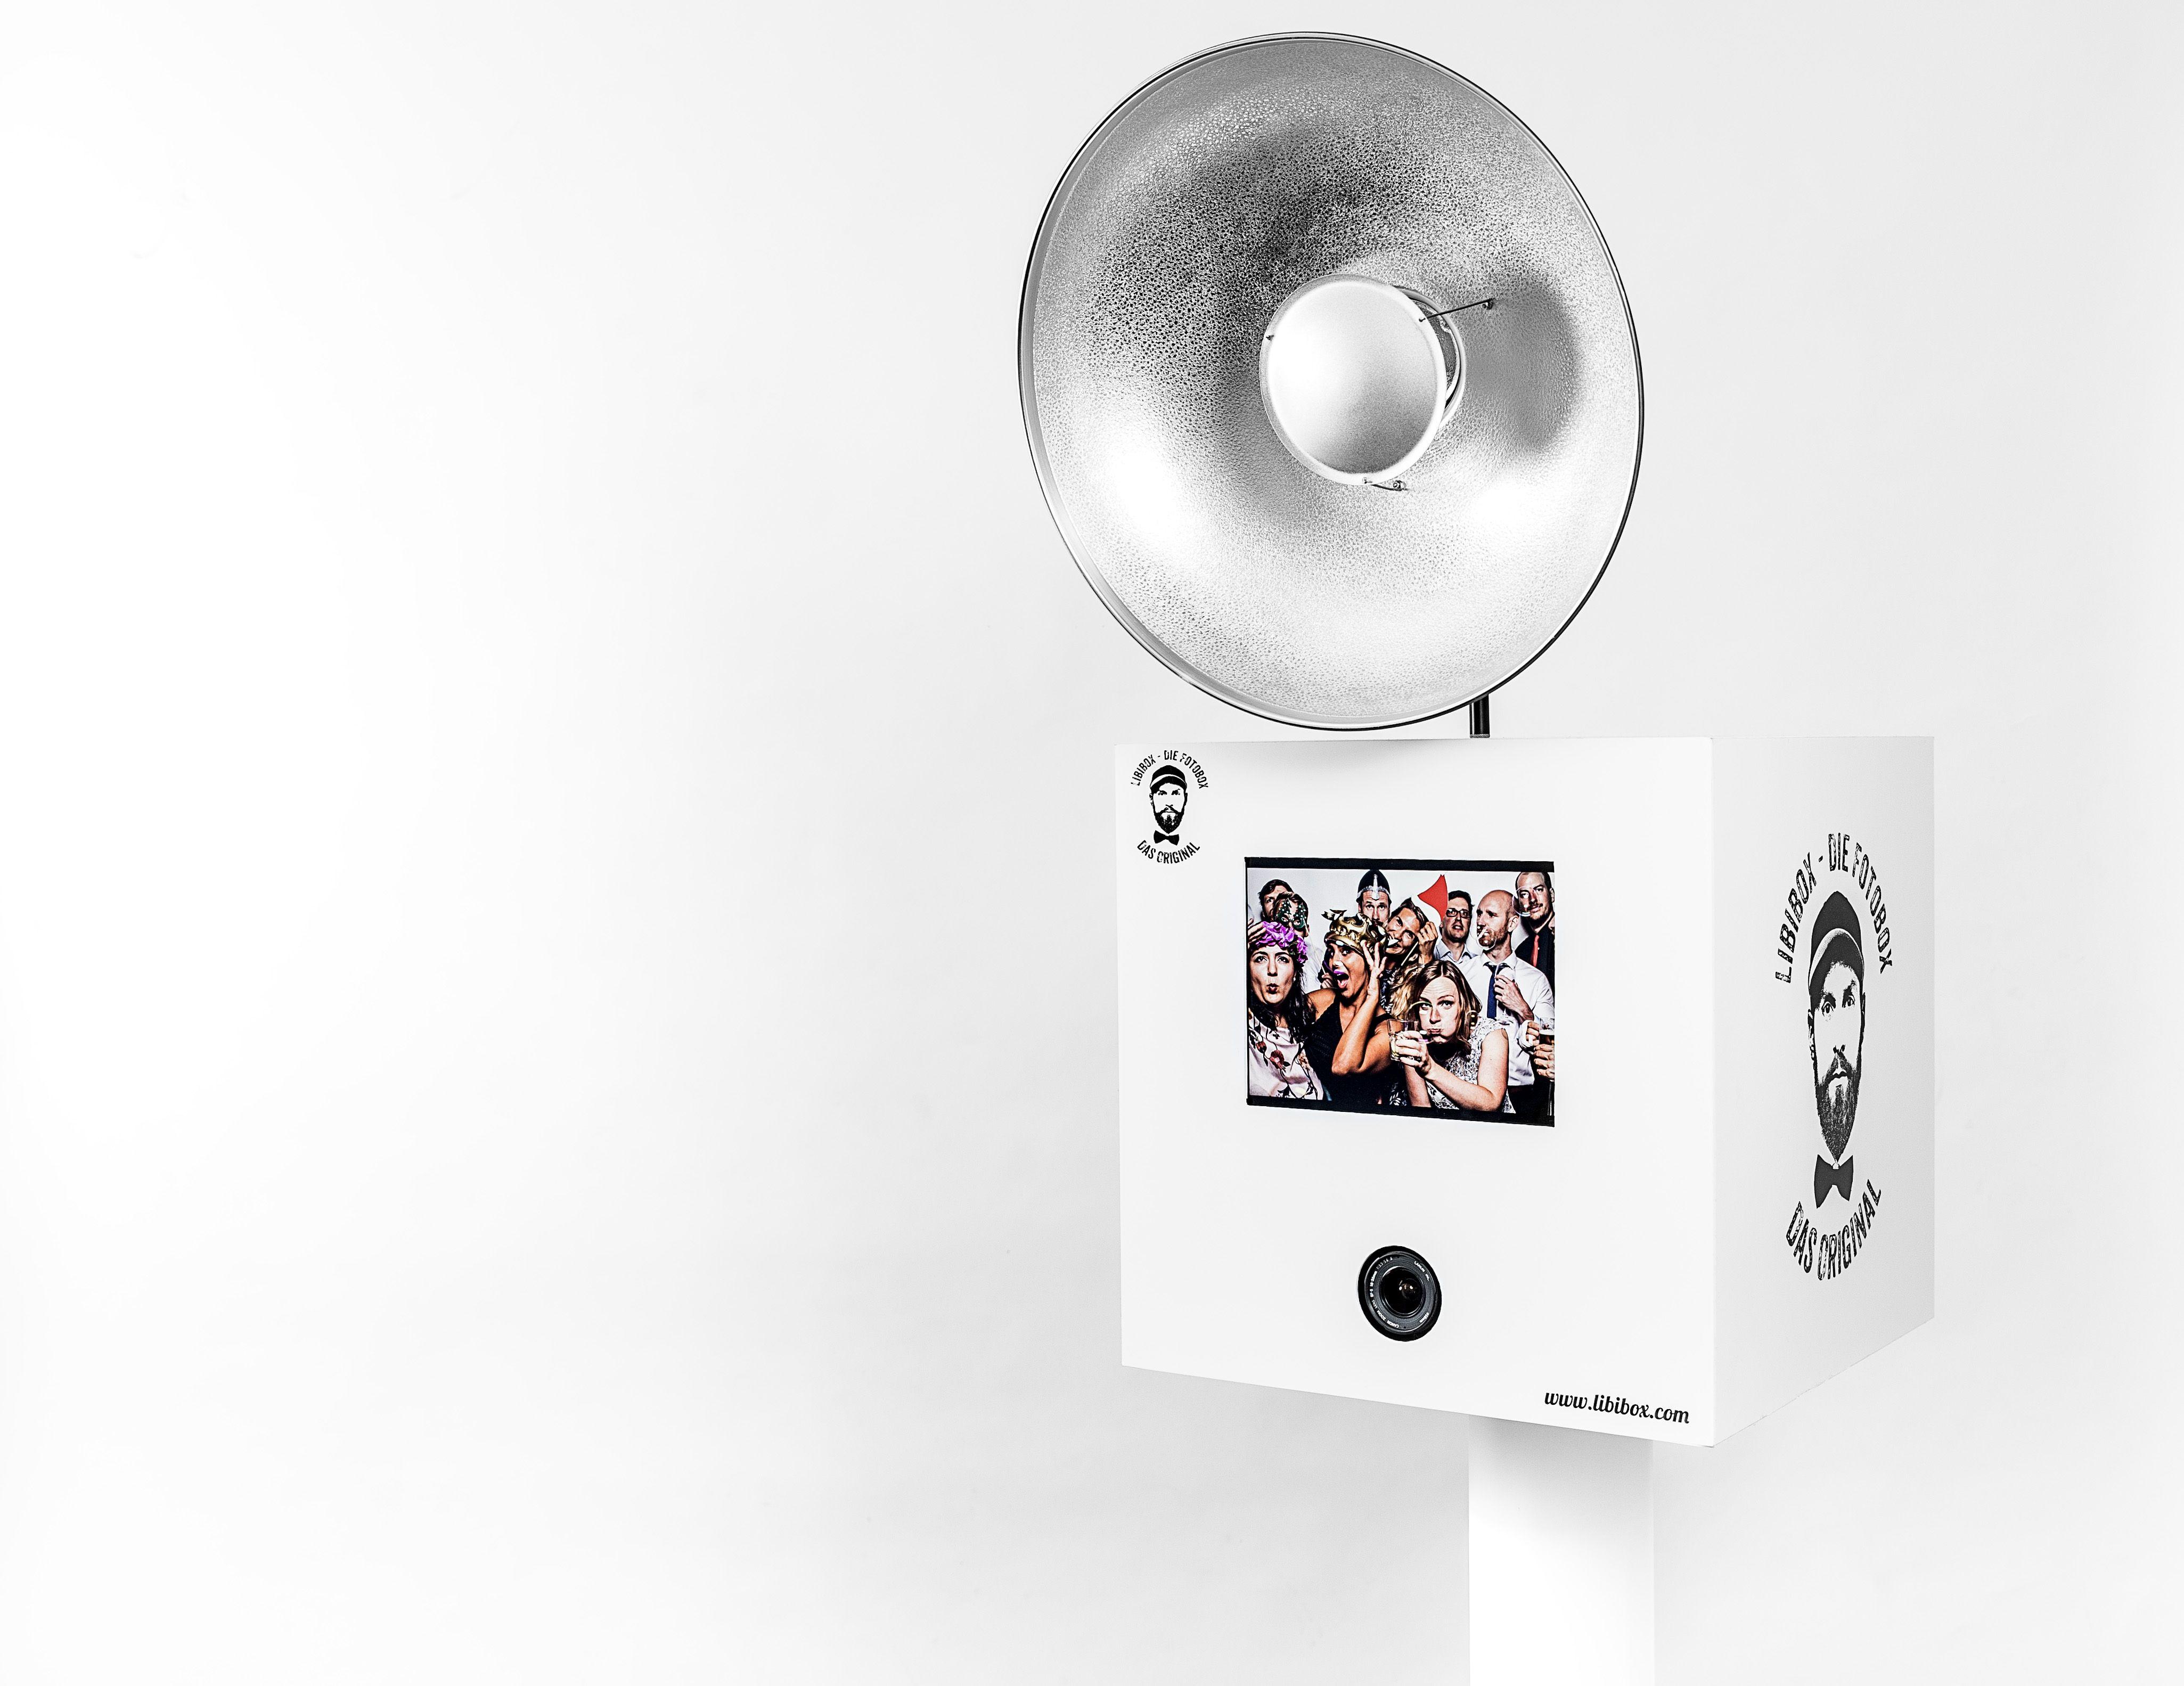 Bei Einer Buchung Der Libibox Fotobox Fur Eure Hochzeit Im Raum Koln Liefern Wir Euch Einen Neutralen Hintergrund Brei Fotobox Hochzeit Fotobox Fotobox Mieten